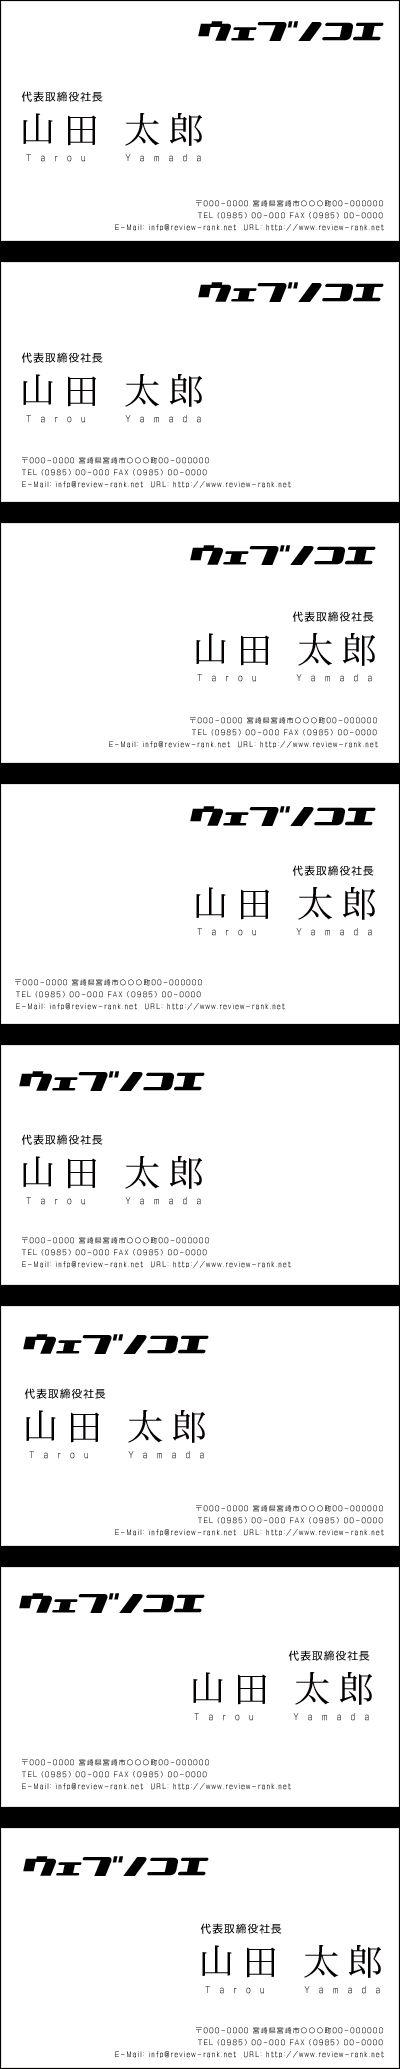 ビジネス用の名刺デザイン 基本レイアウト8パターン